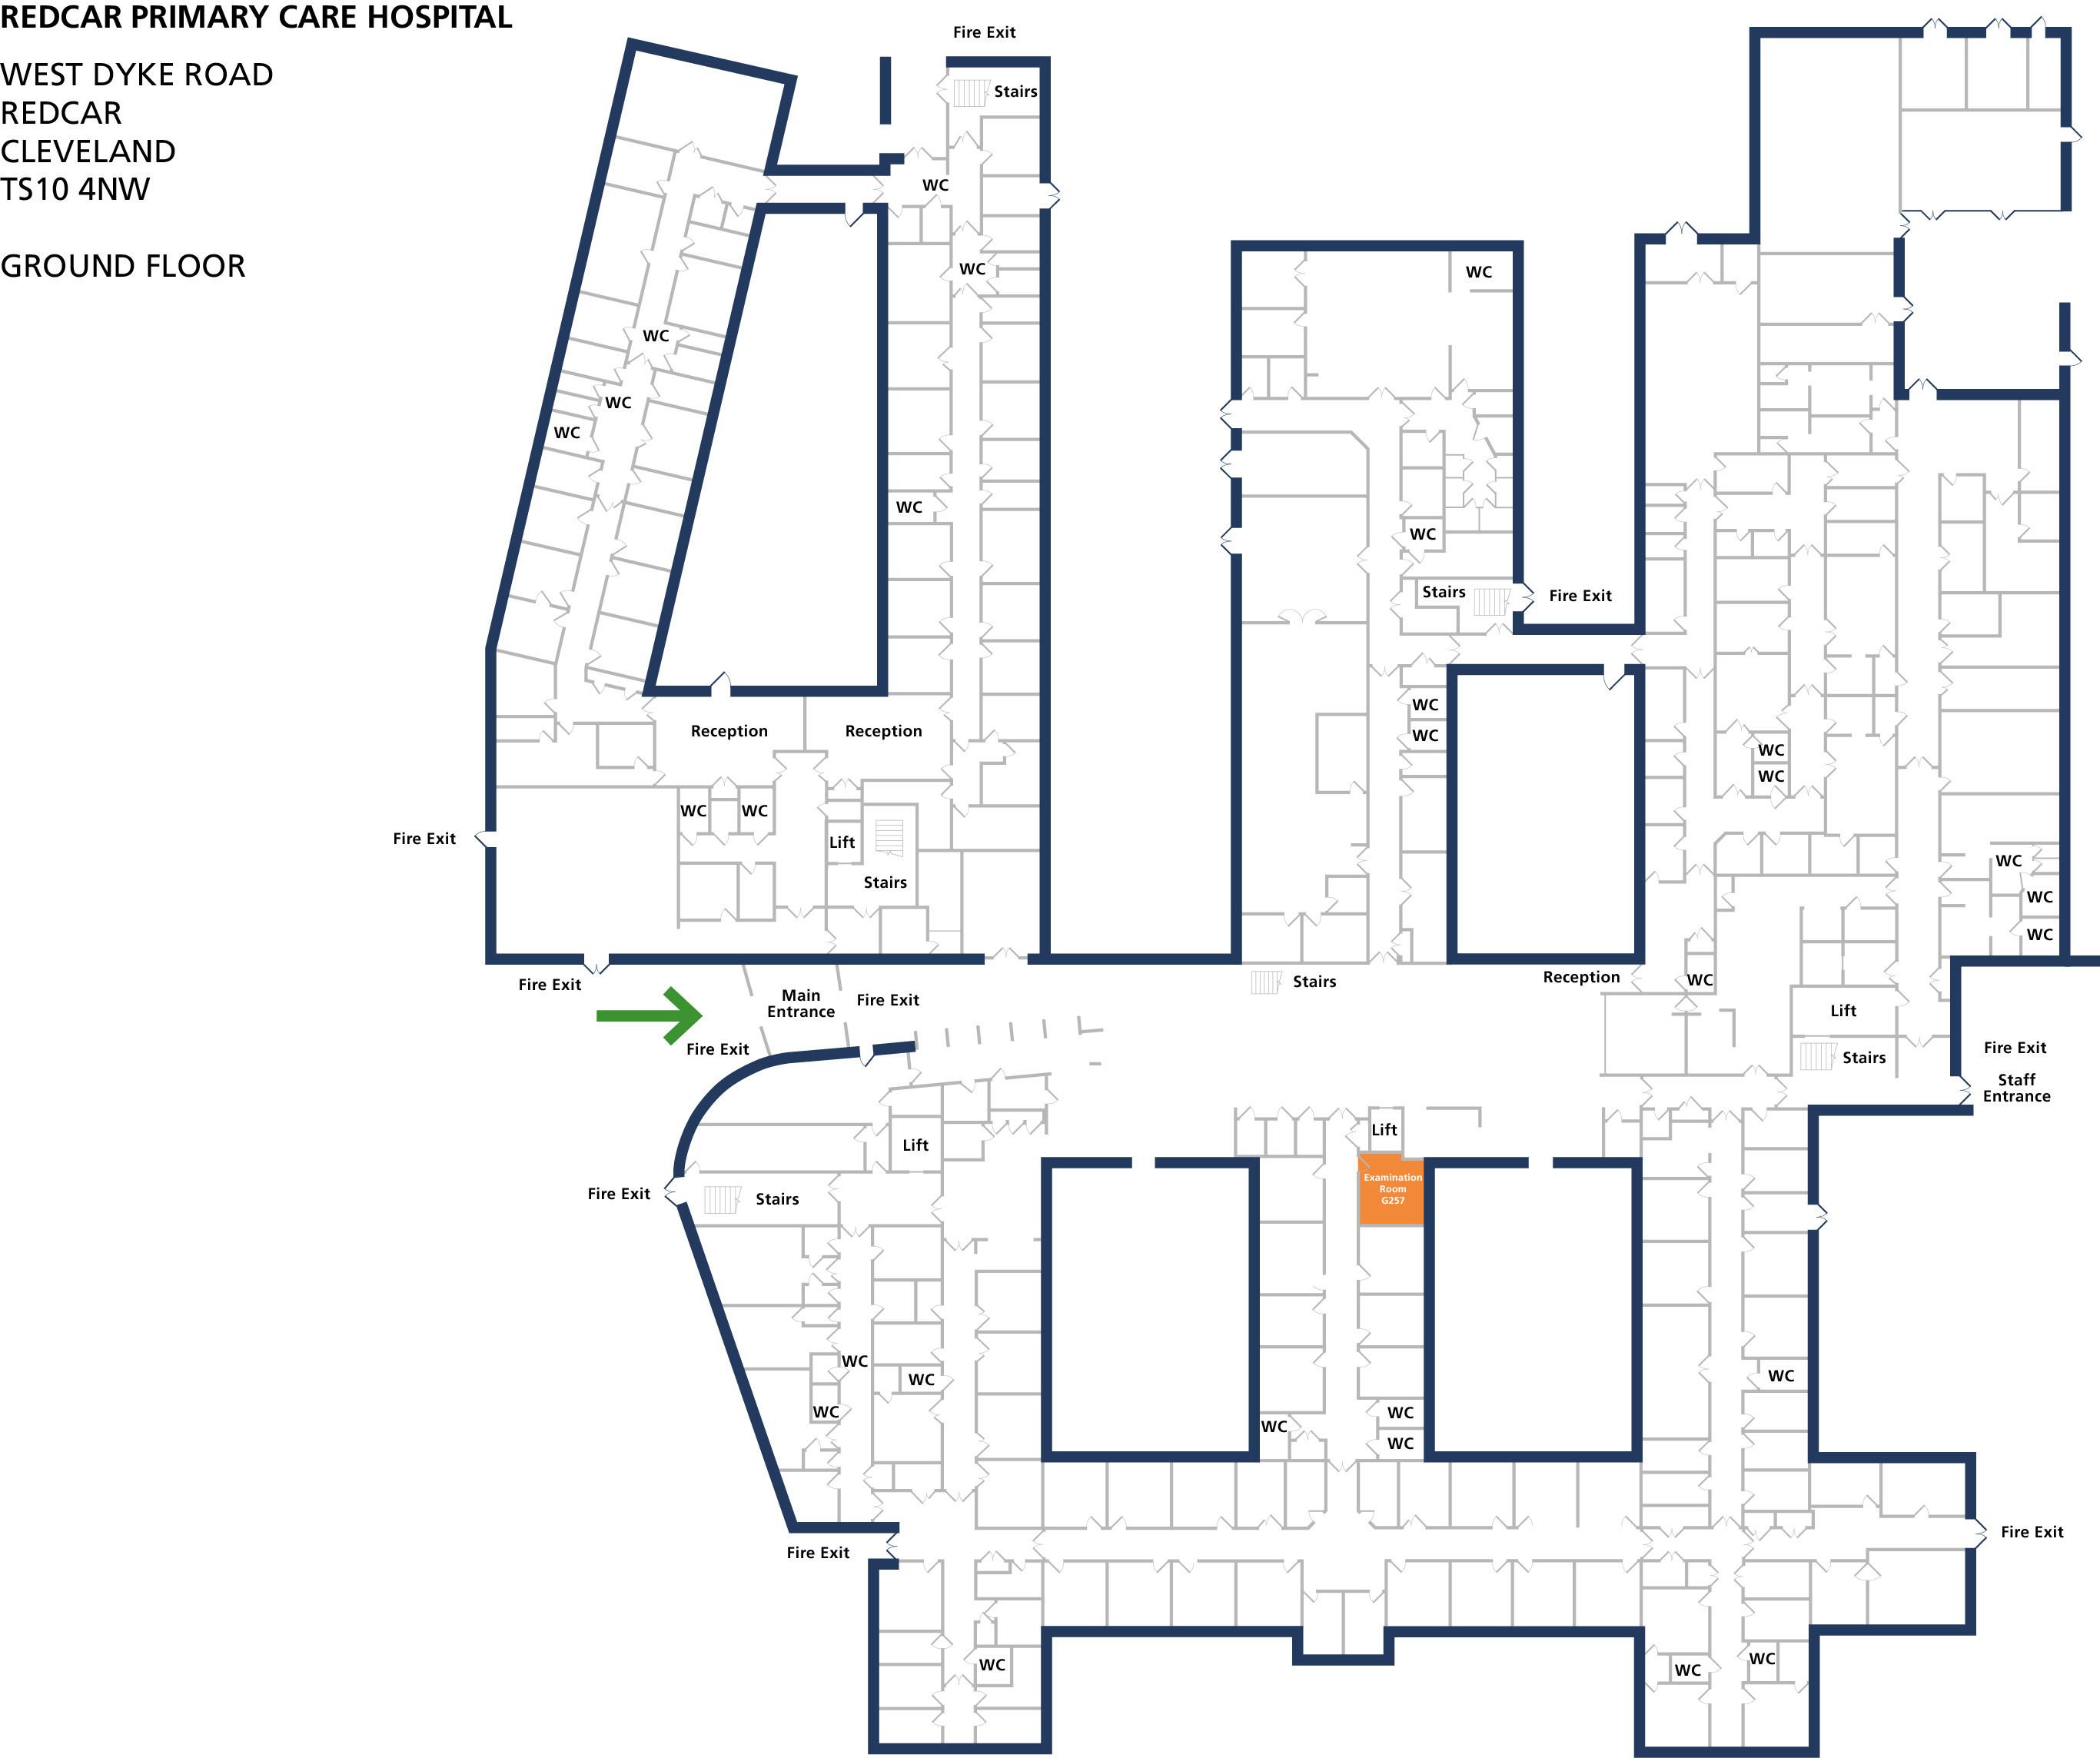 Examination room 257